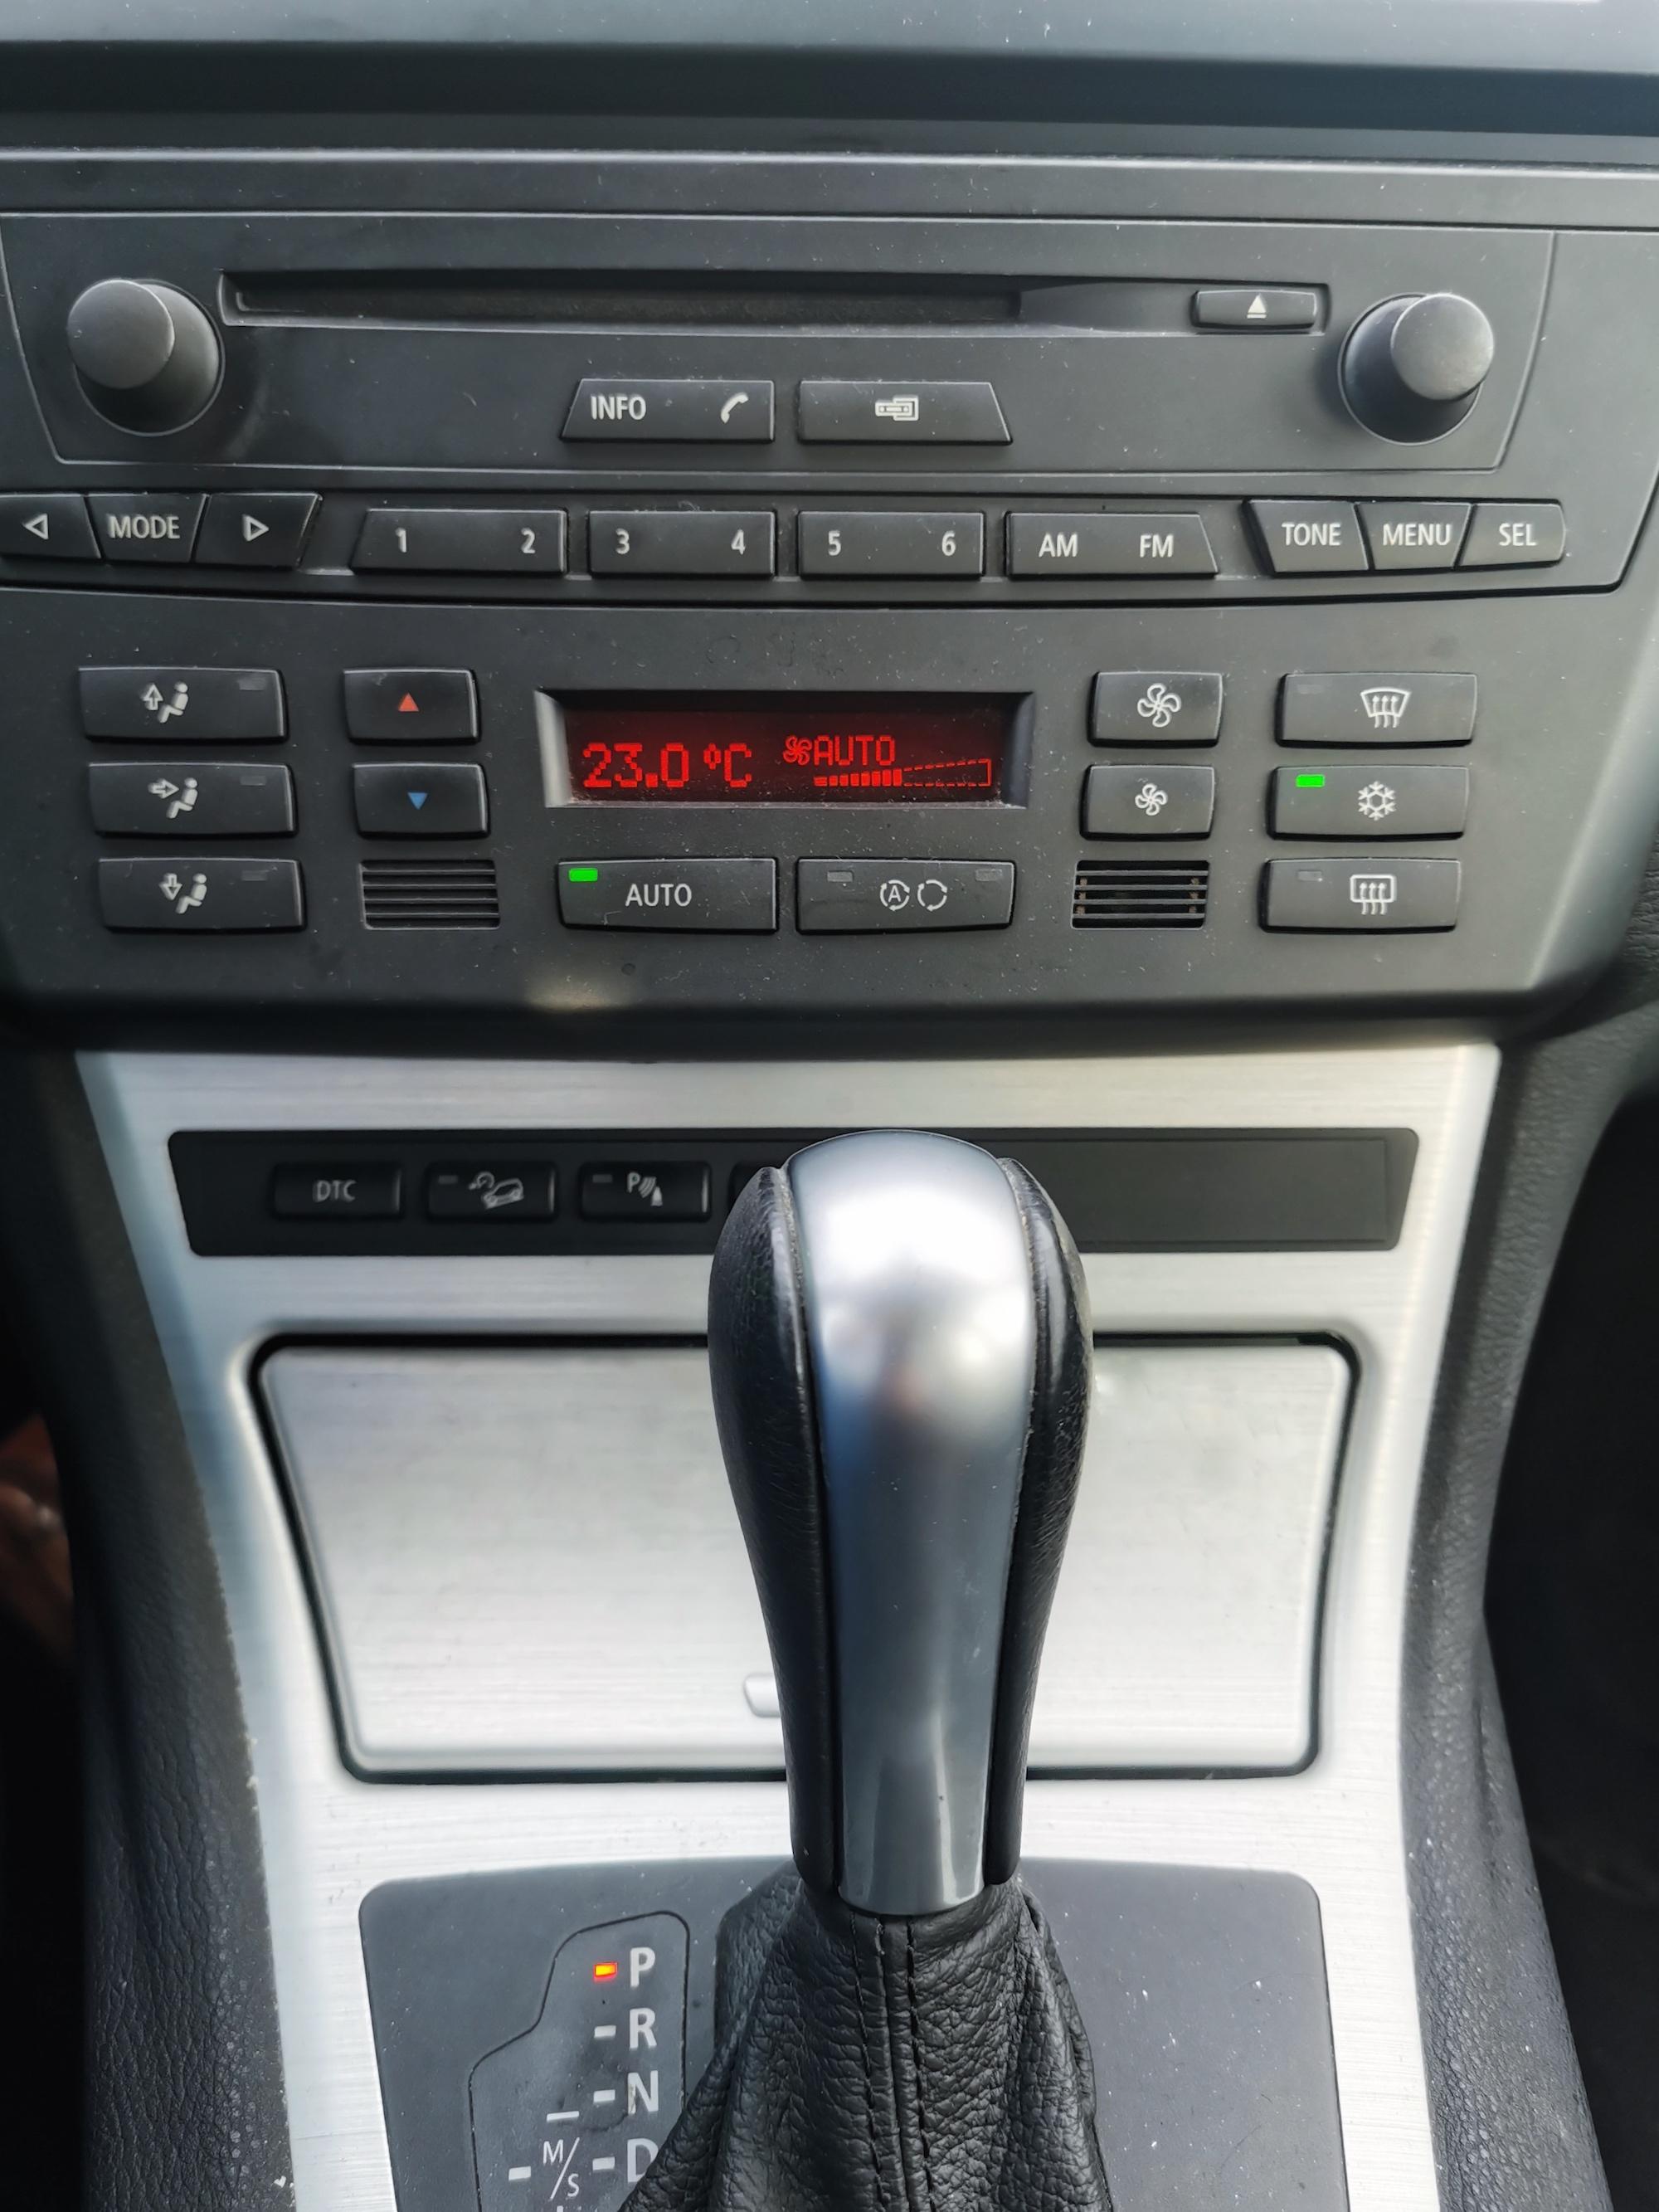 BMW X3 3.0d de 2007 CT ok, révisé et équipements nombreux